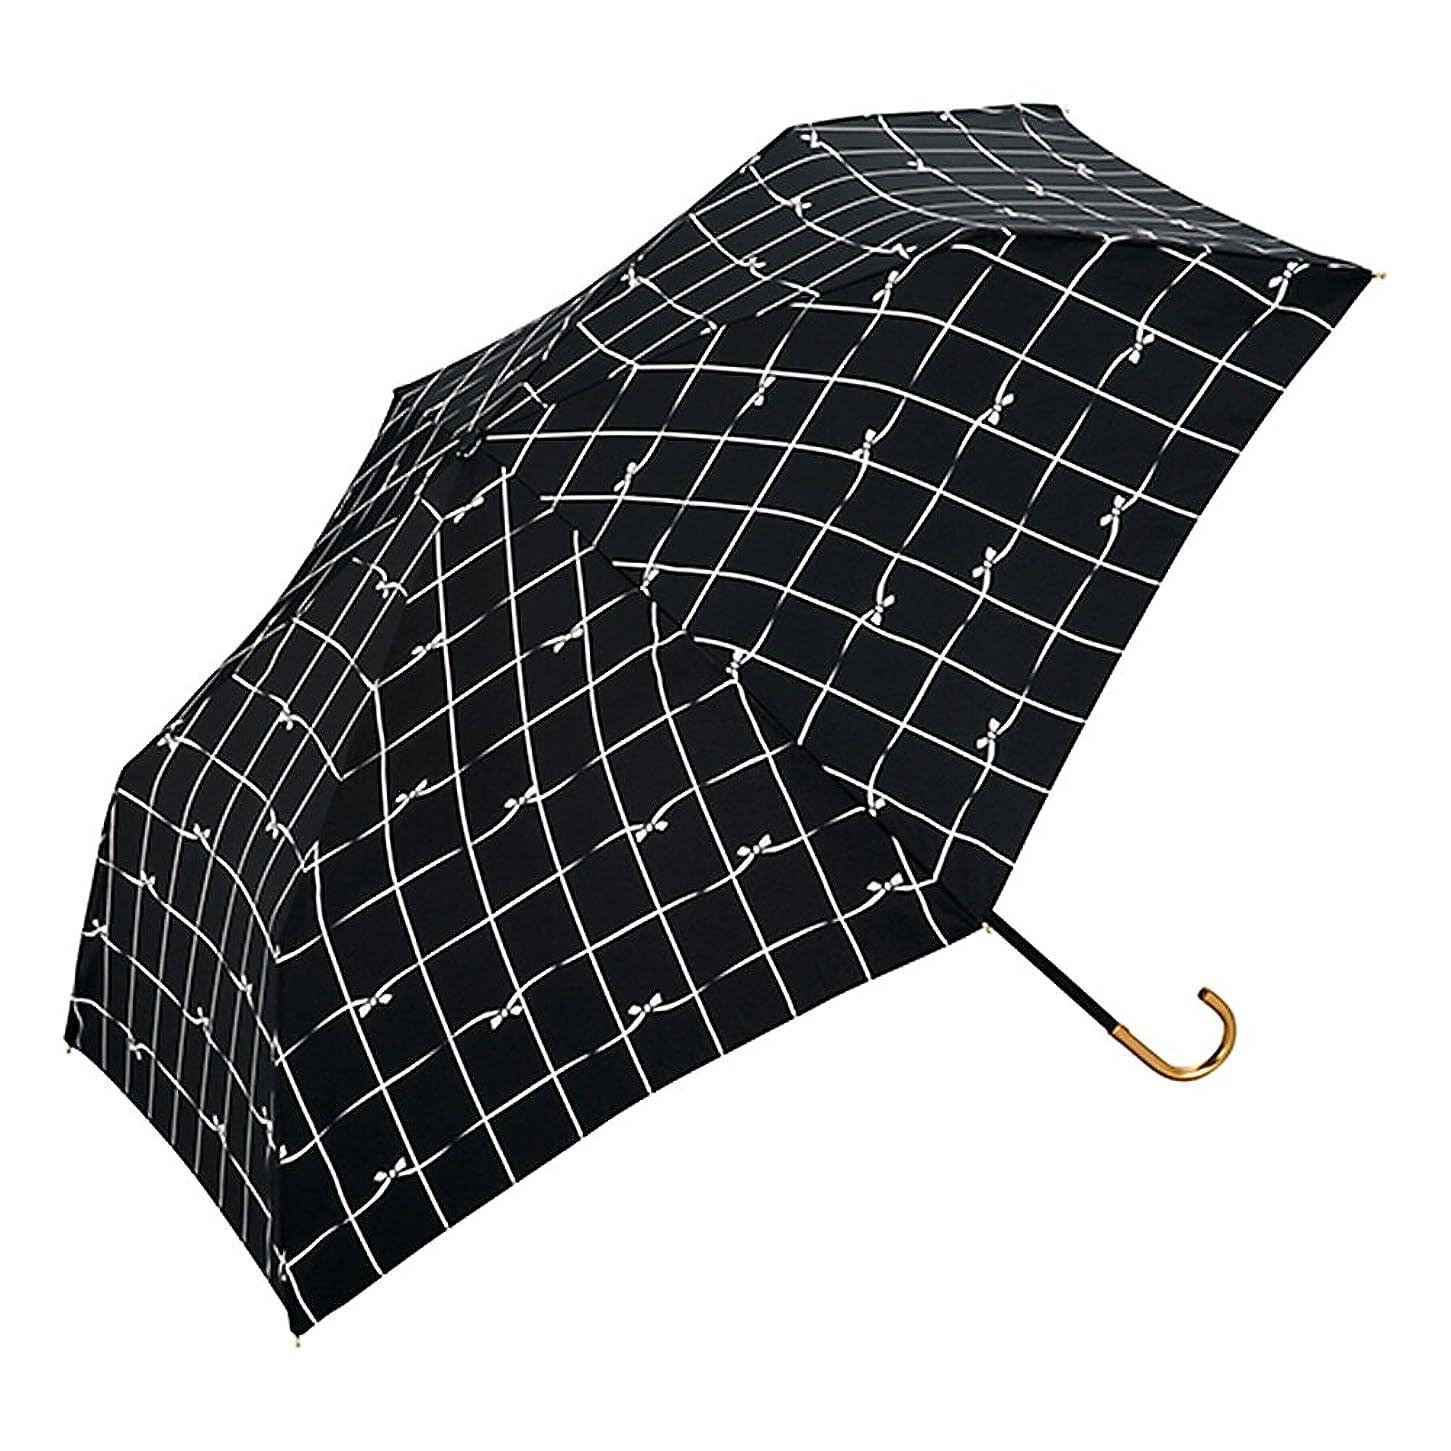 予約討論魂ワールドパーティー(Wpc.) 雨傘 折りたたみ傘  ブラック 黒  50cm  レディース 傘袋付き リボンチェック ミニ 777-018 BK